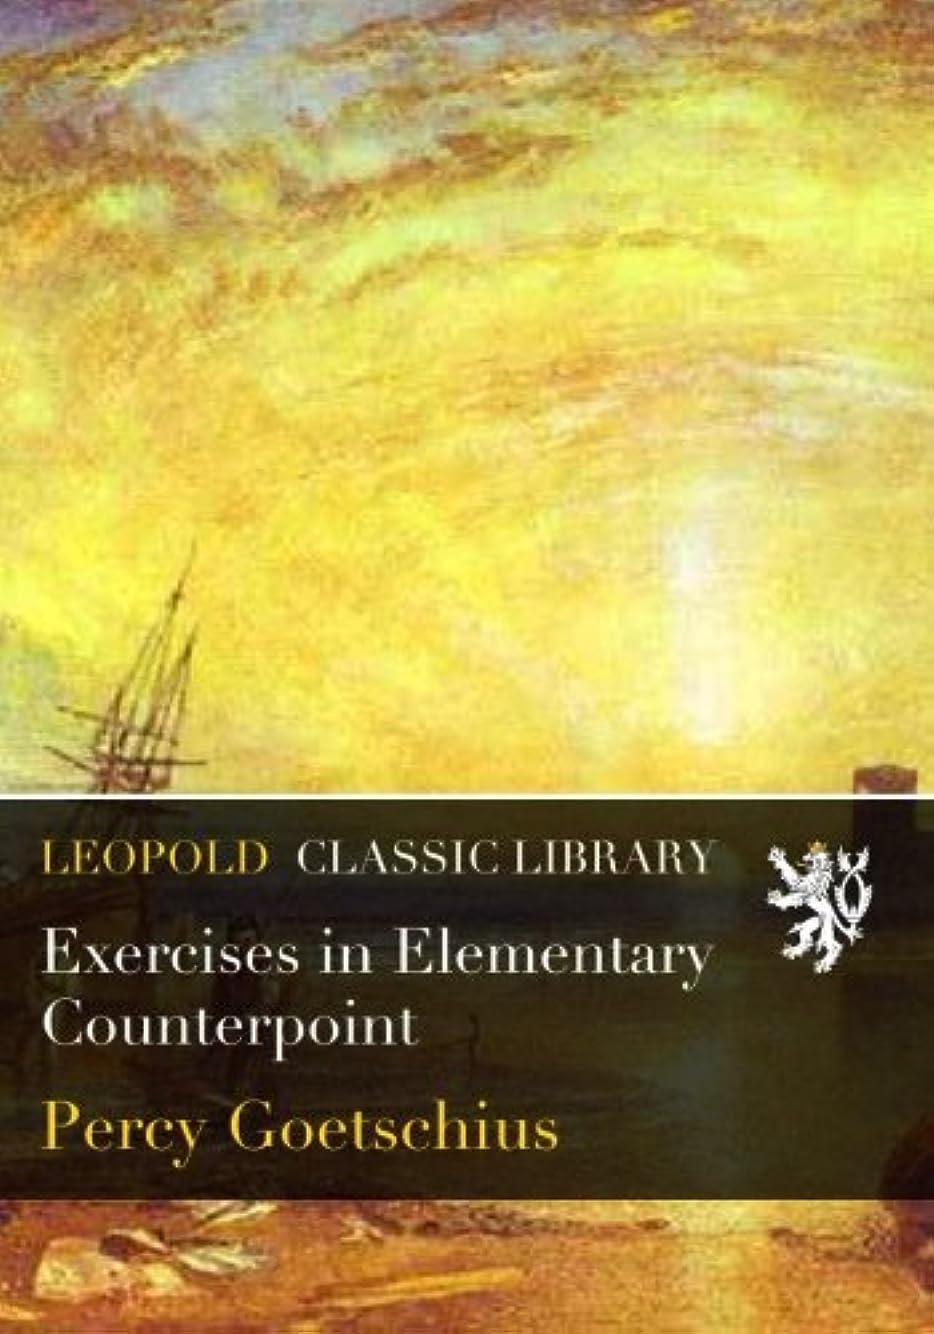 パトロンパターンファウルExercises in Elementary Counterpoint